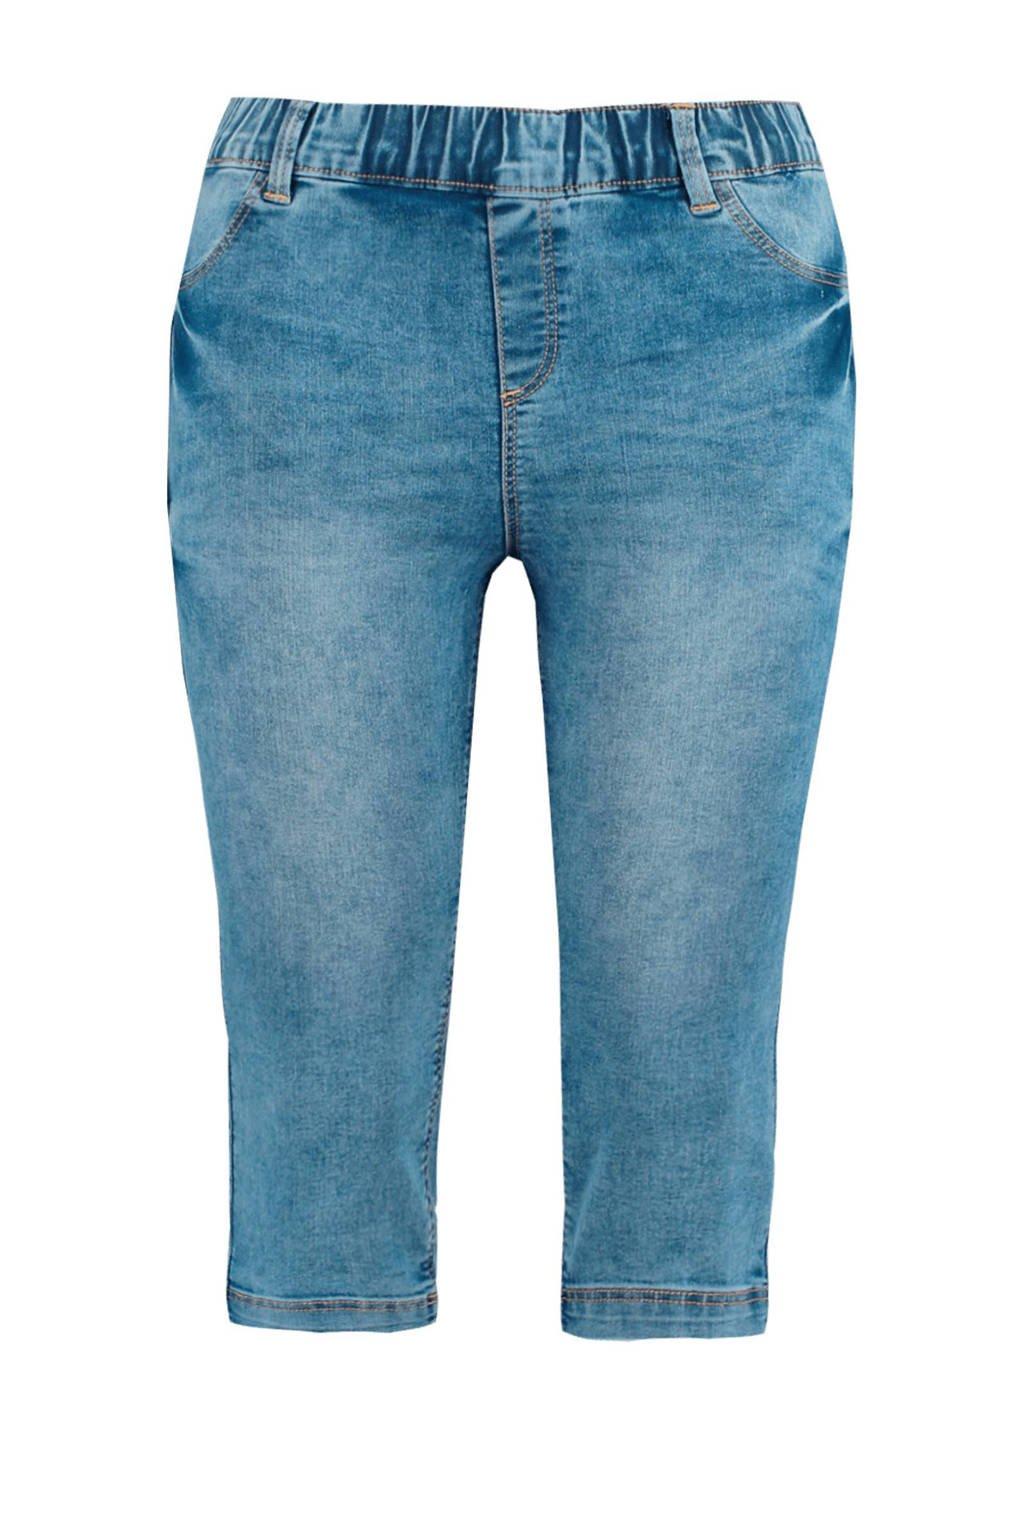 MS Mode capri tregging blauw, Blauw